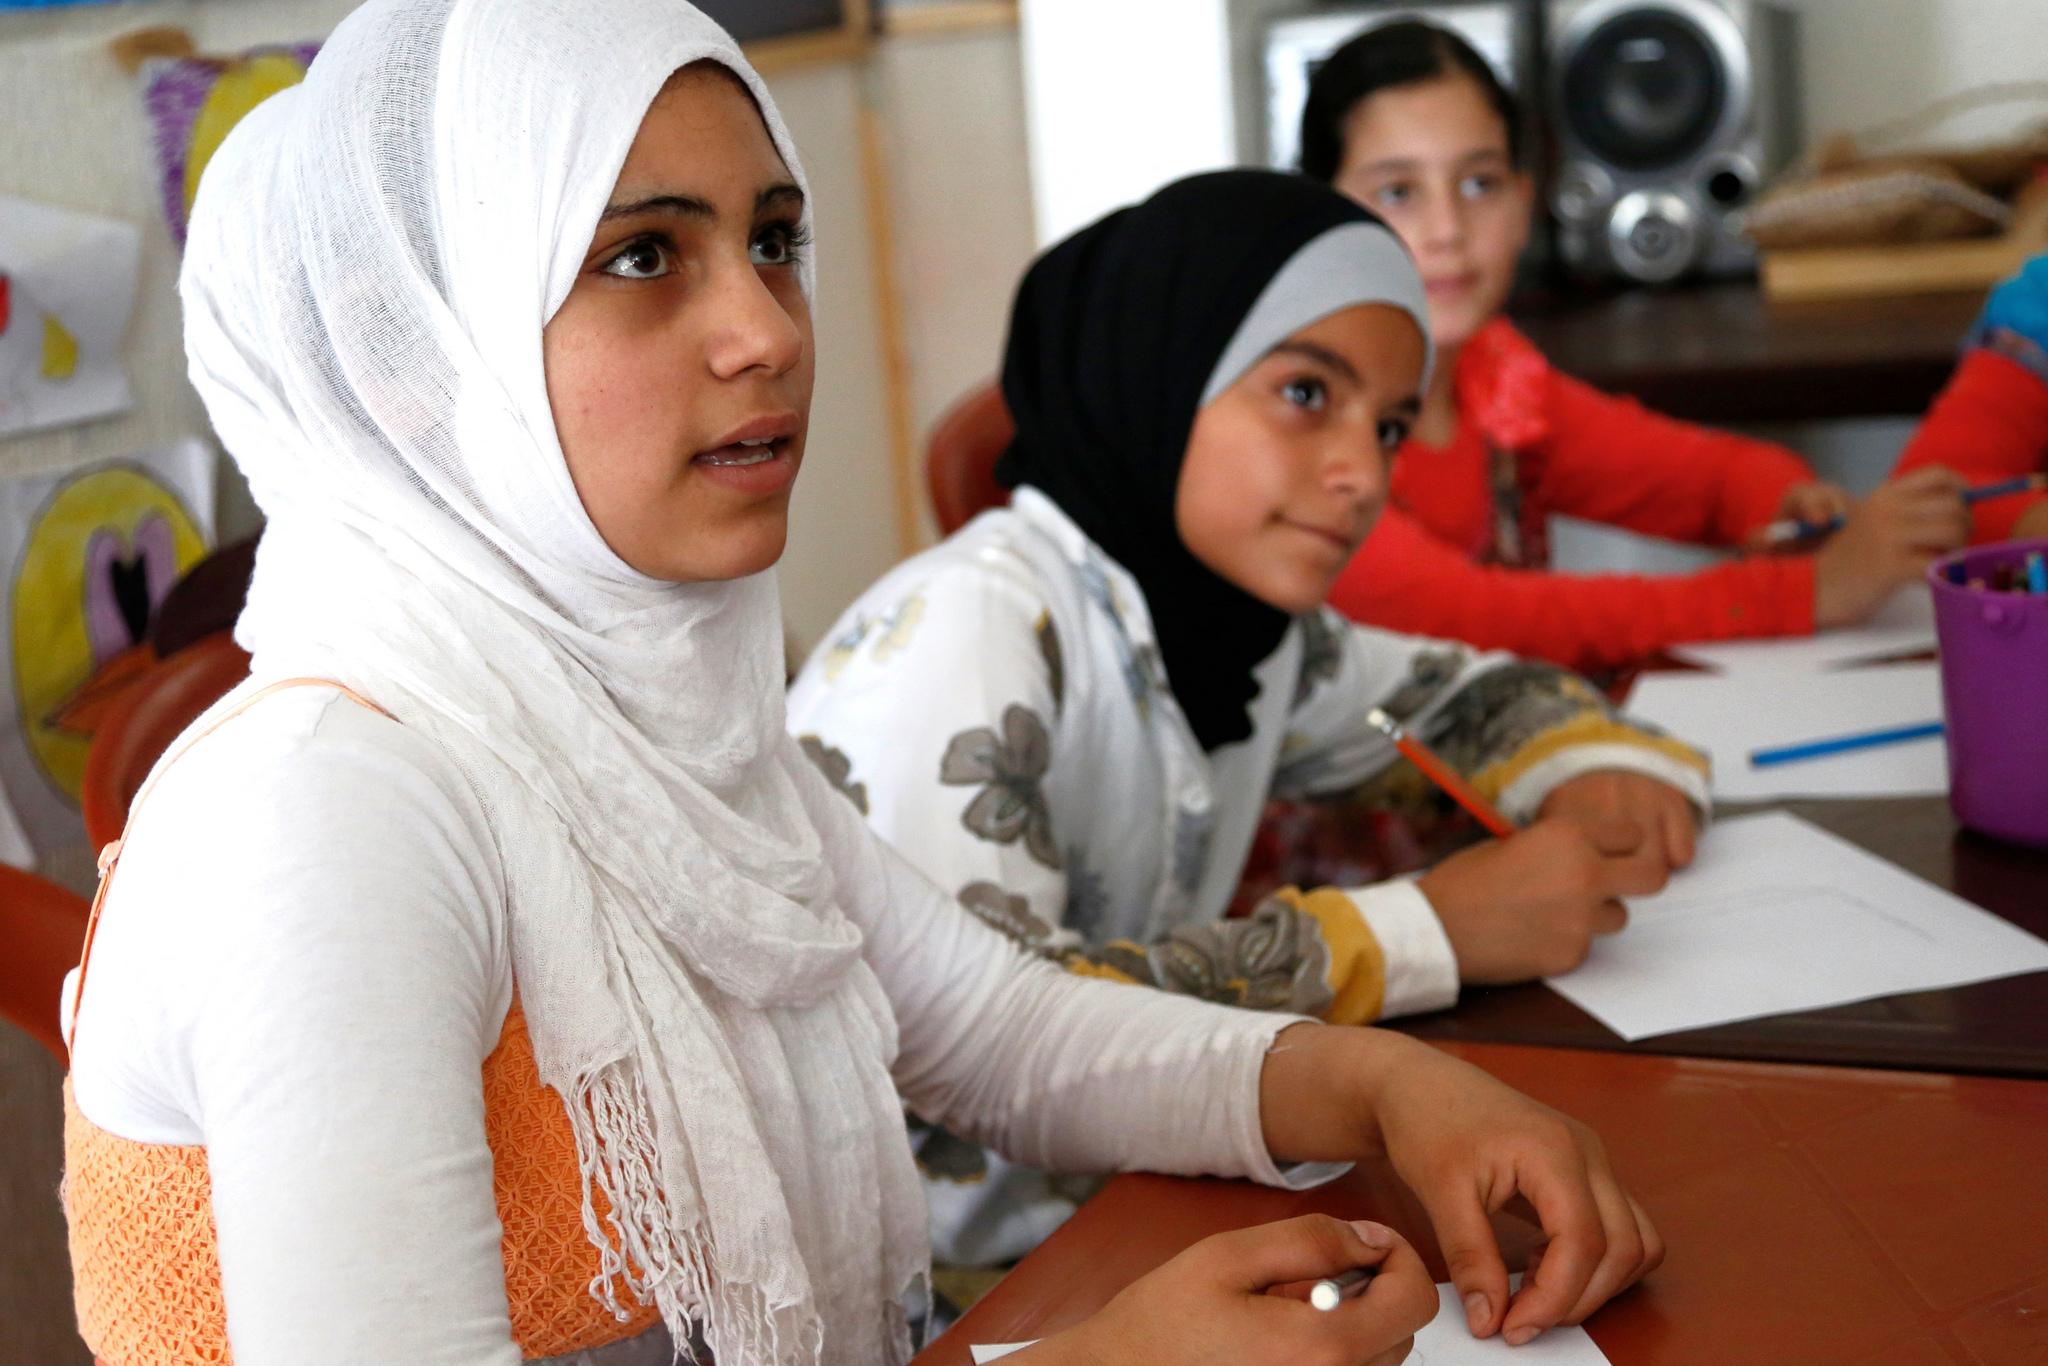 Sachverständigenrat warnt: Flüchtlingskinder nicht in Problemschulen abladen